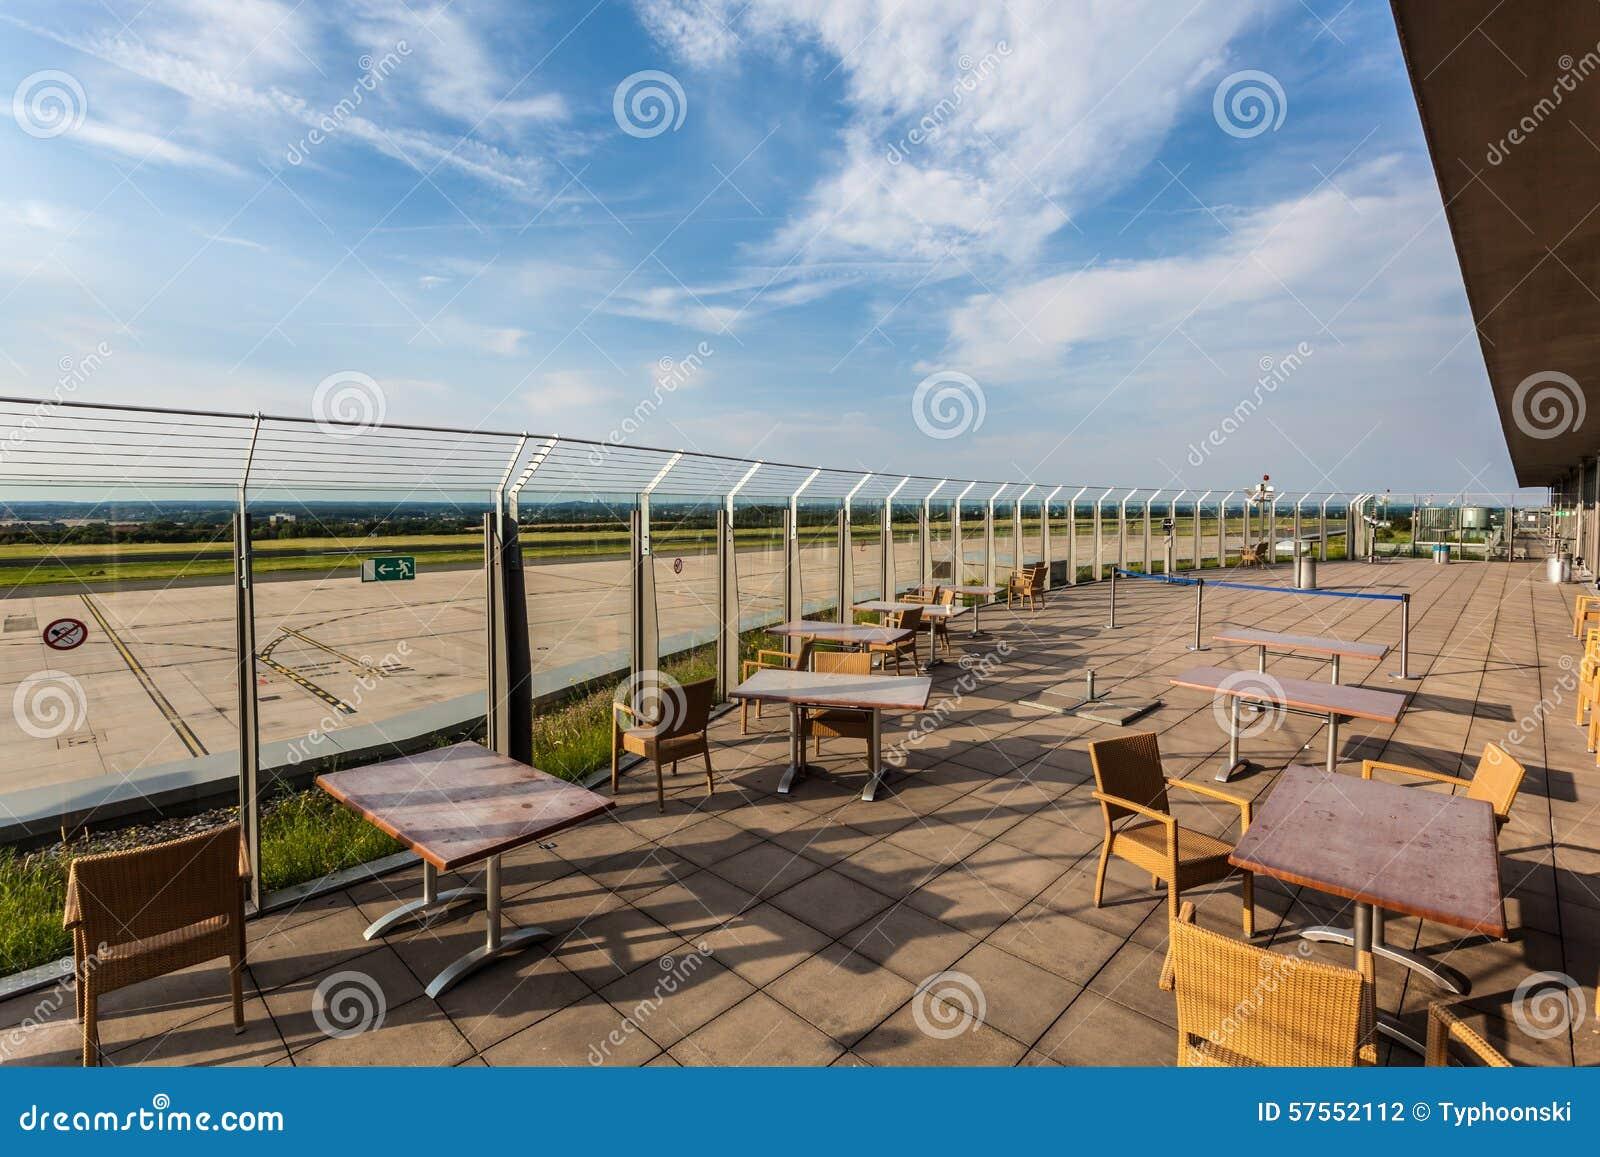 Besucherterrasse Des Dortmund Flughafens Deutschland Redaktionelles